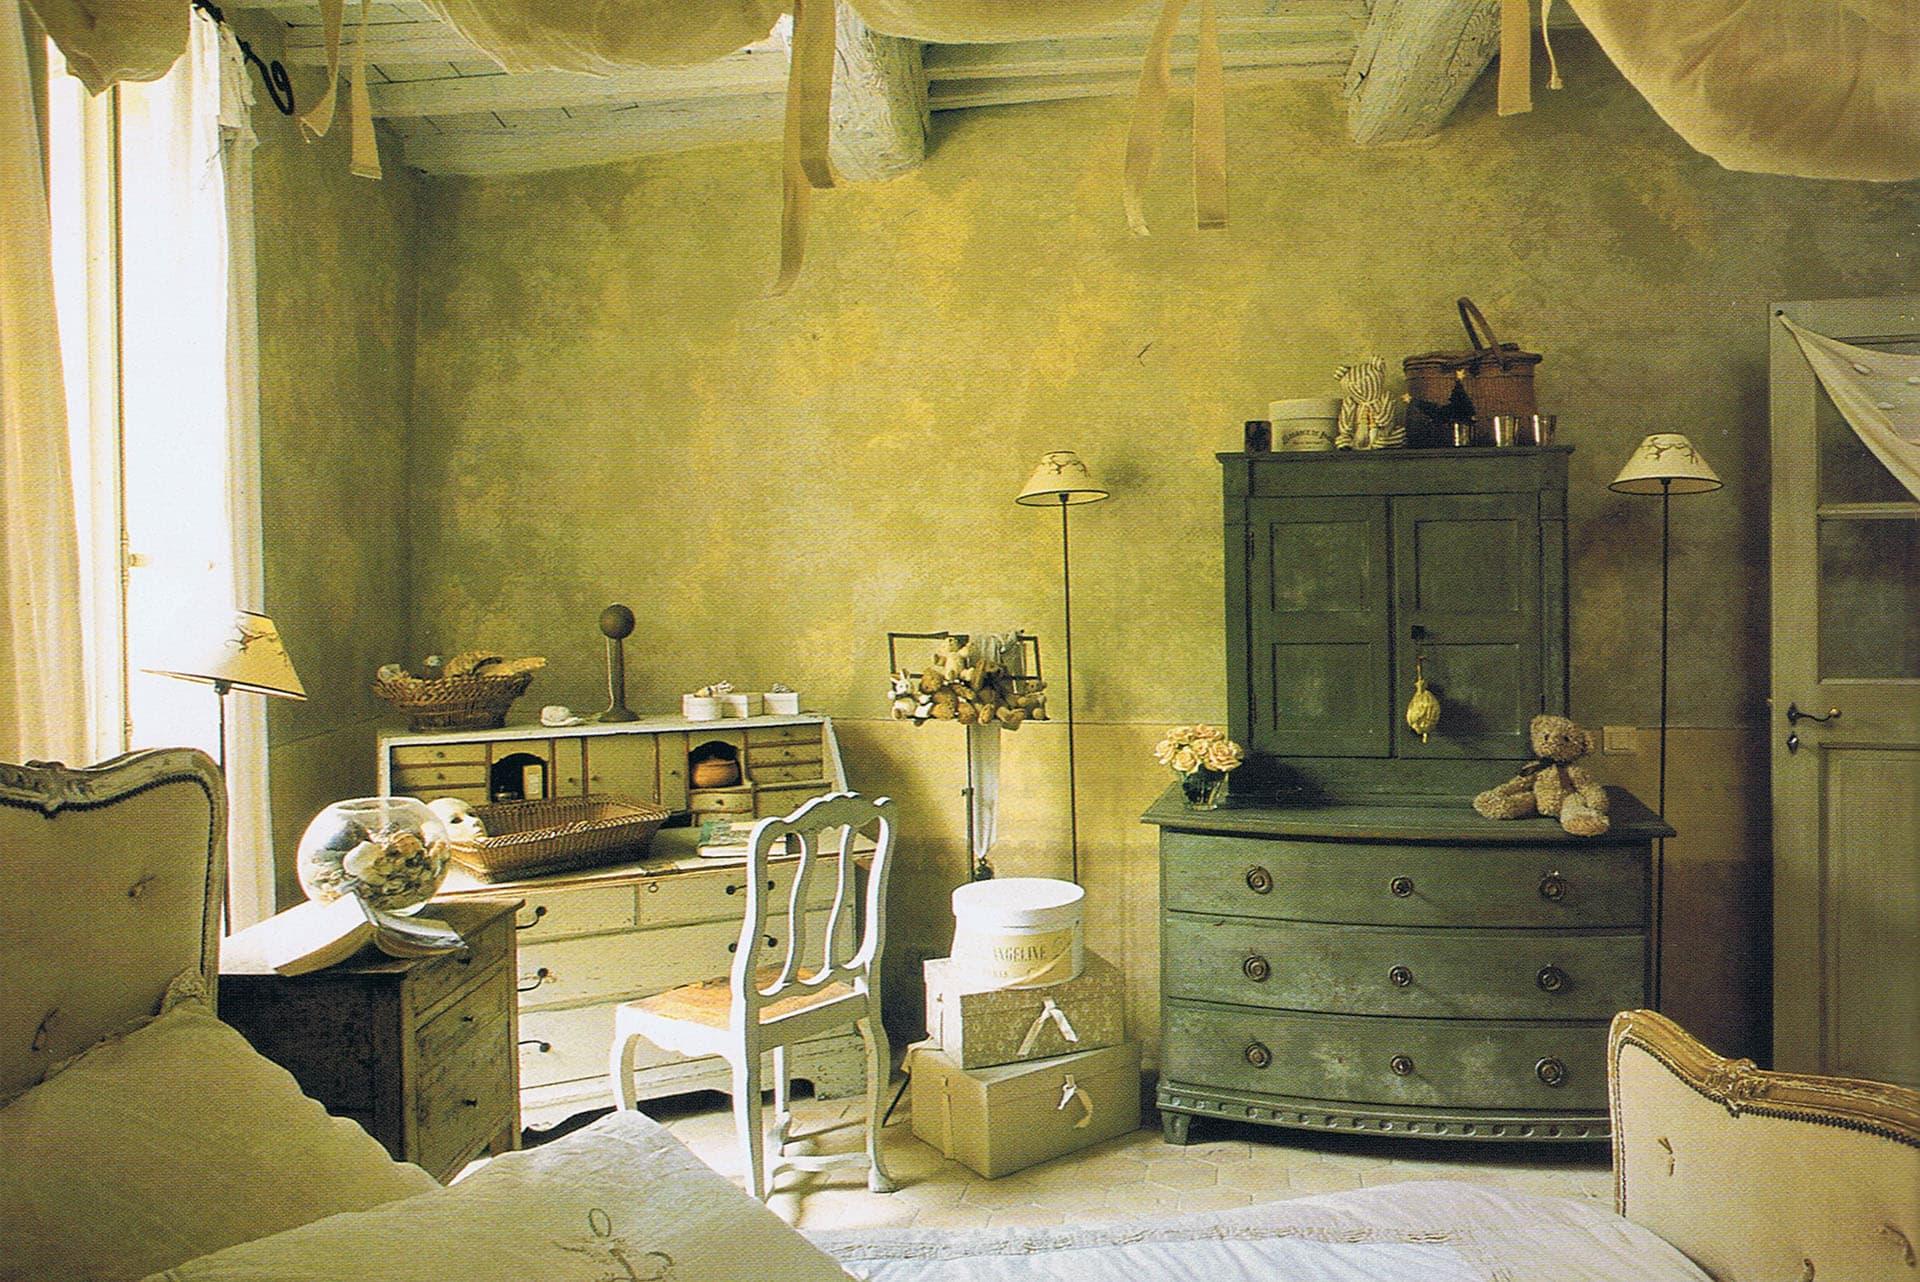 комната в ретро стиле картинки играют